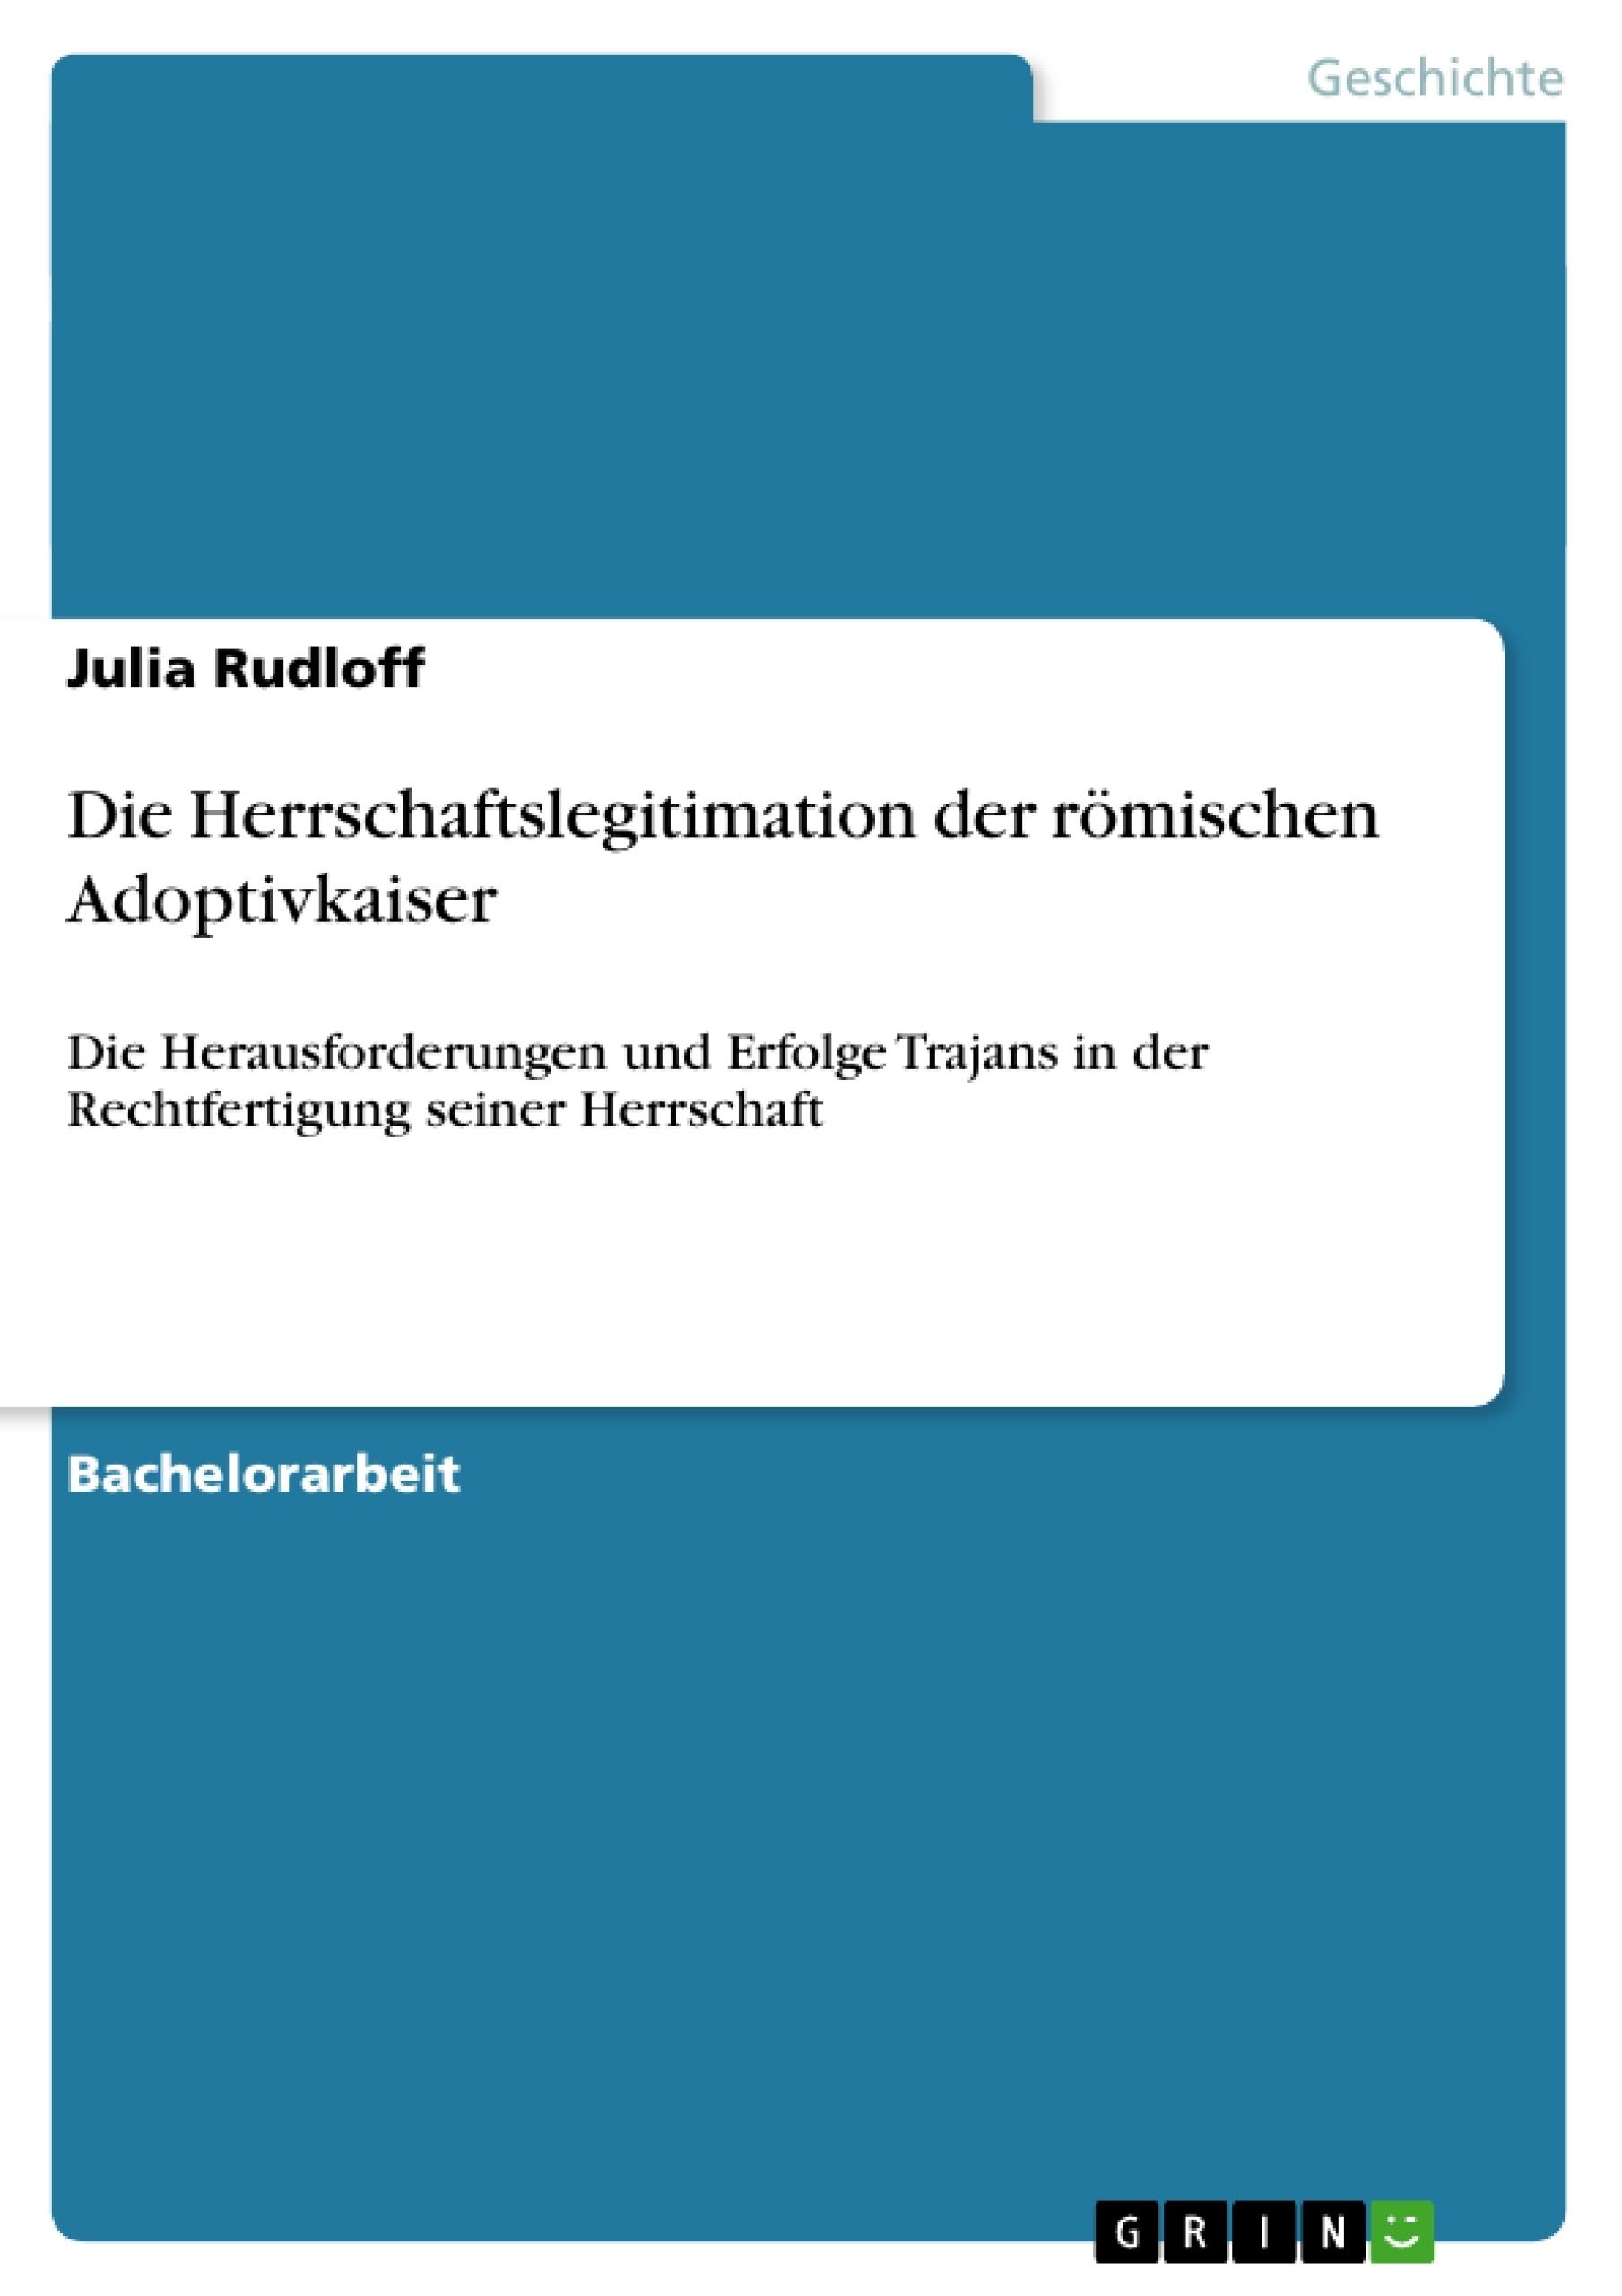 Titel: Die Herrschaftslegitimation der römischen Adoptivkaiser